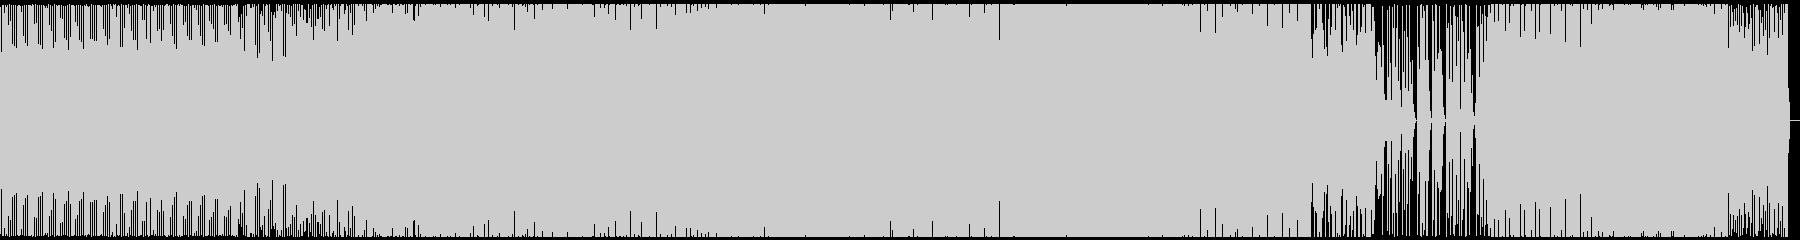 ハウス ダンス プログレッシブ ス...の未再生の波形